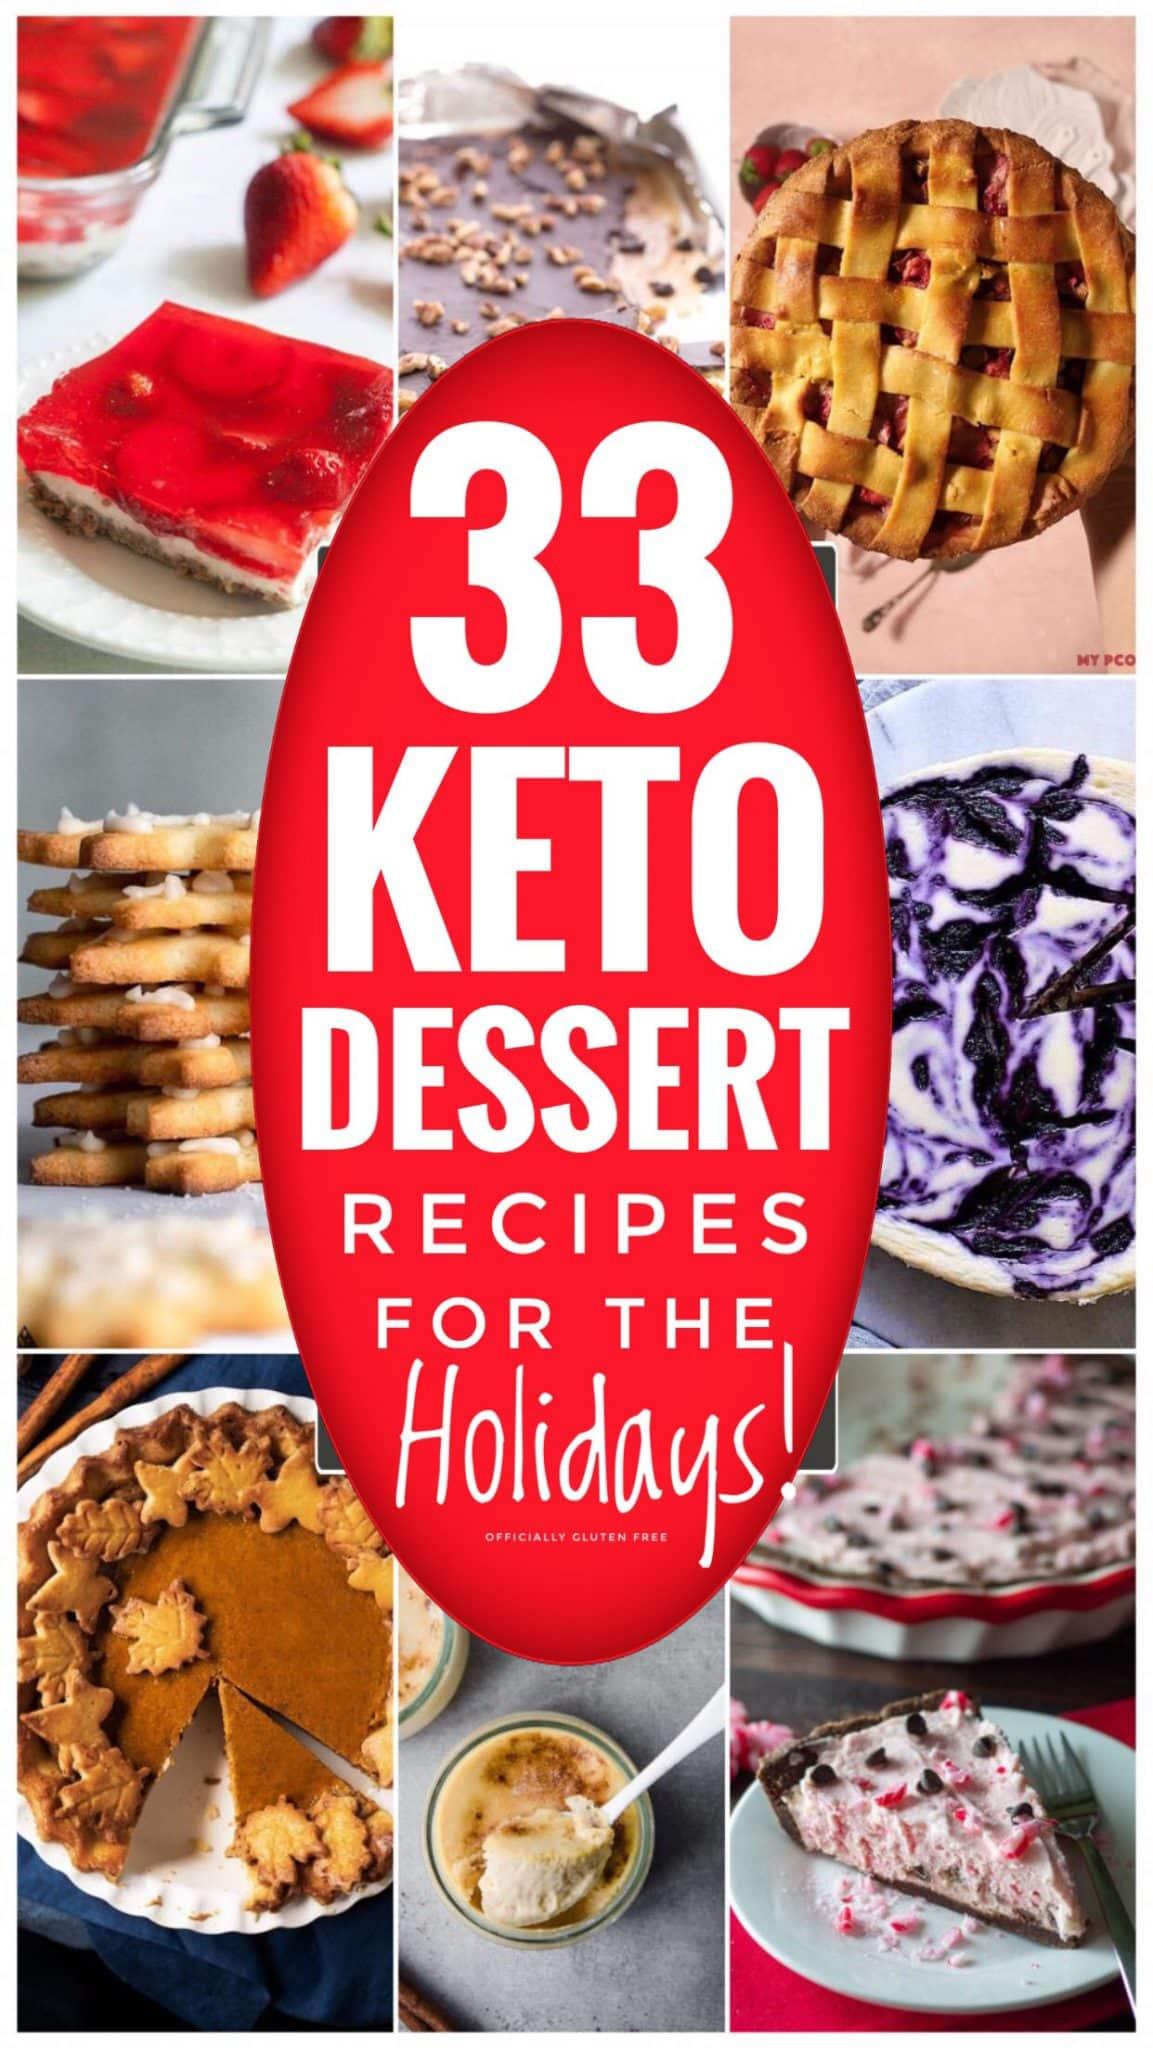 33 Easy Keto Dessert Recipes For The Holidays